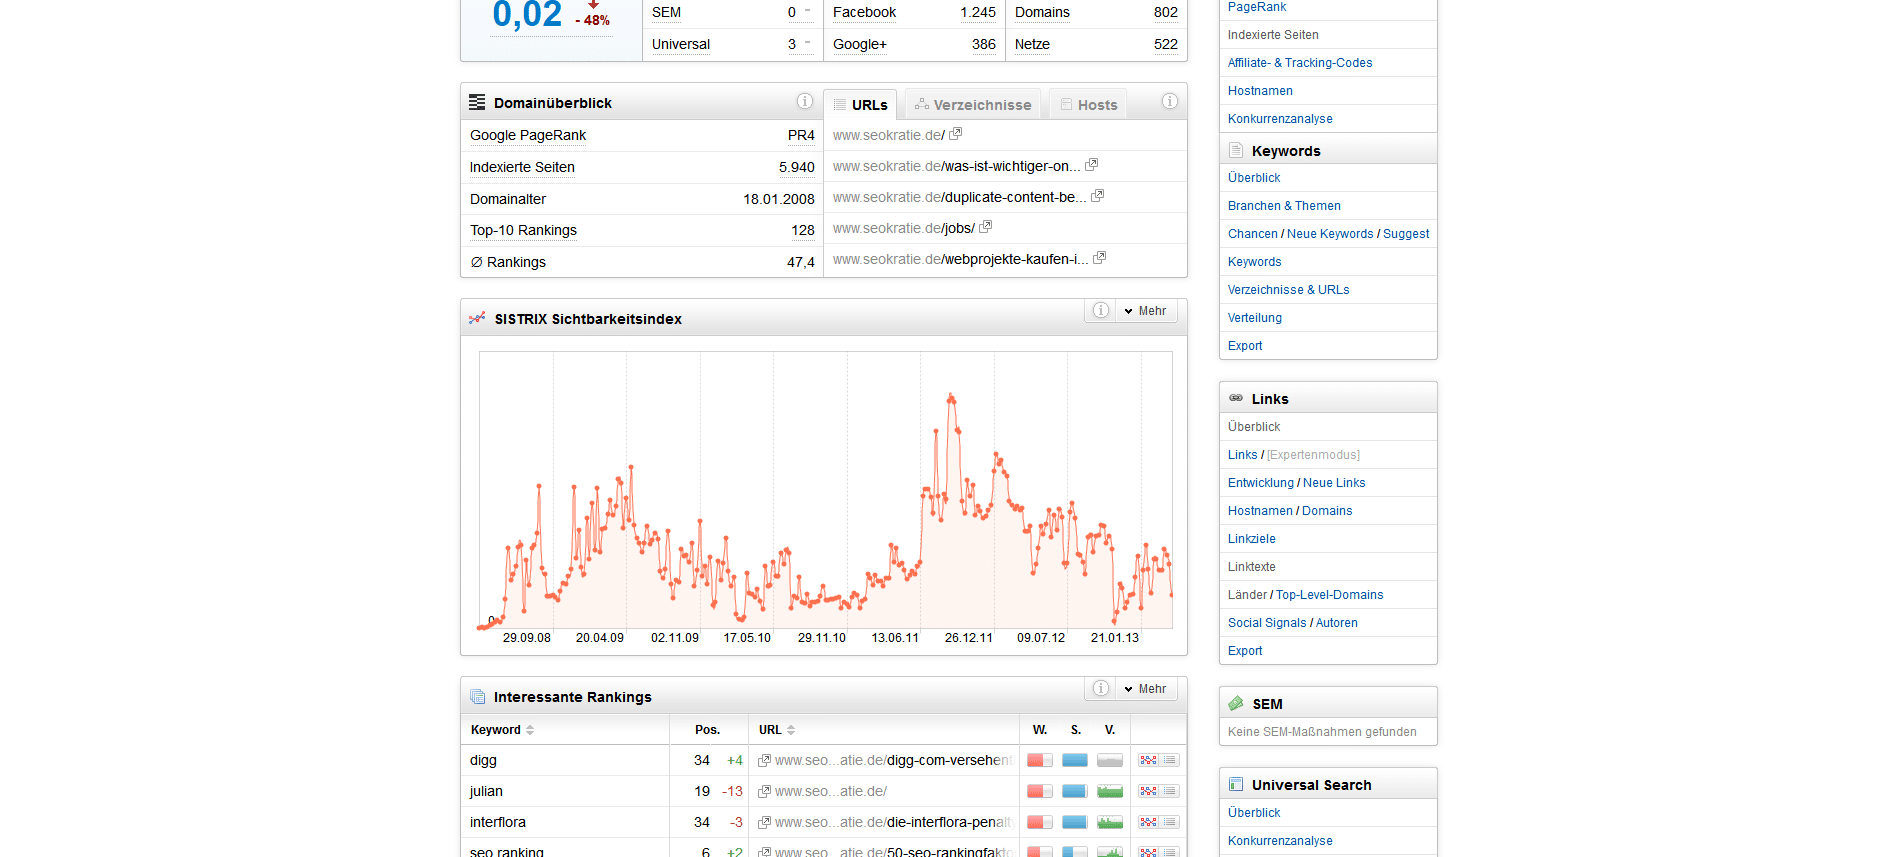 Die Sichtbarkeit von Seokratie hat letzte Woche um 48 % abgenommen.